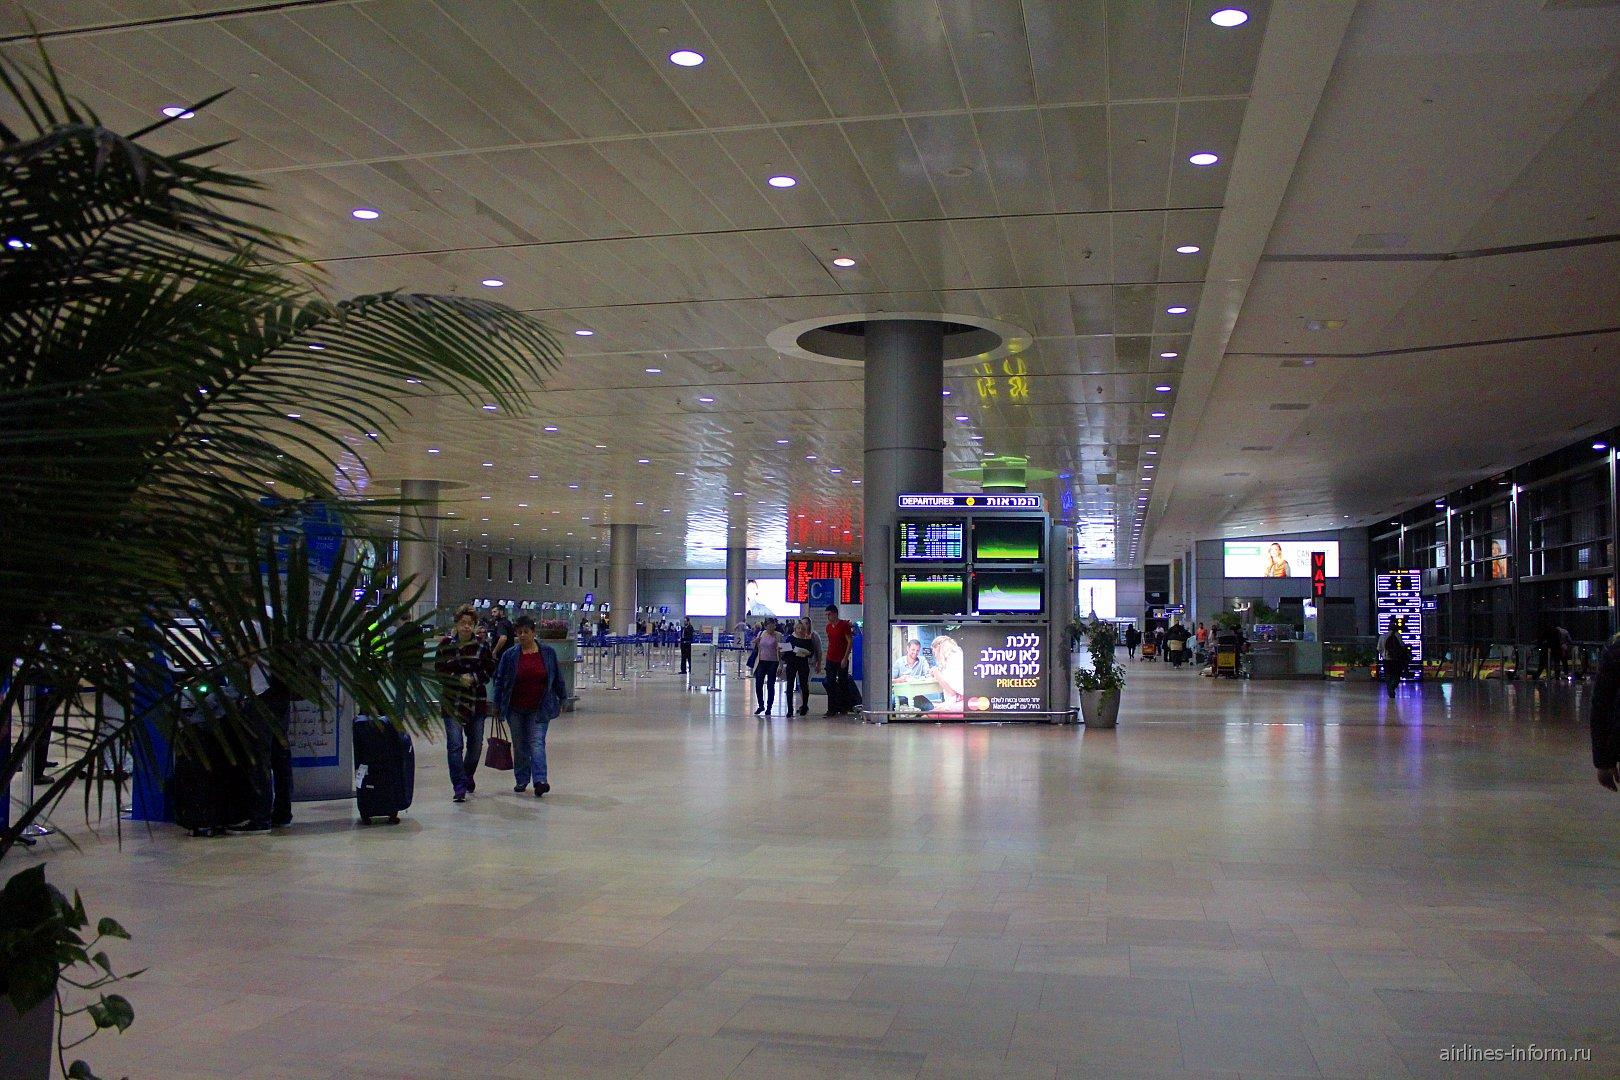 Сектор C зала вылета аэропорта Тель-Авив Бен Гурион